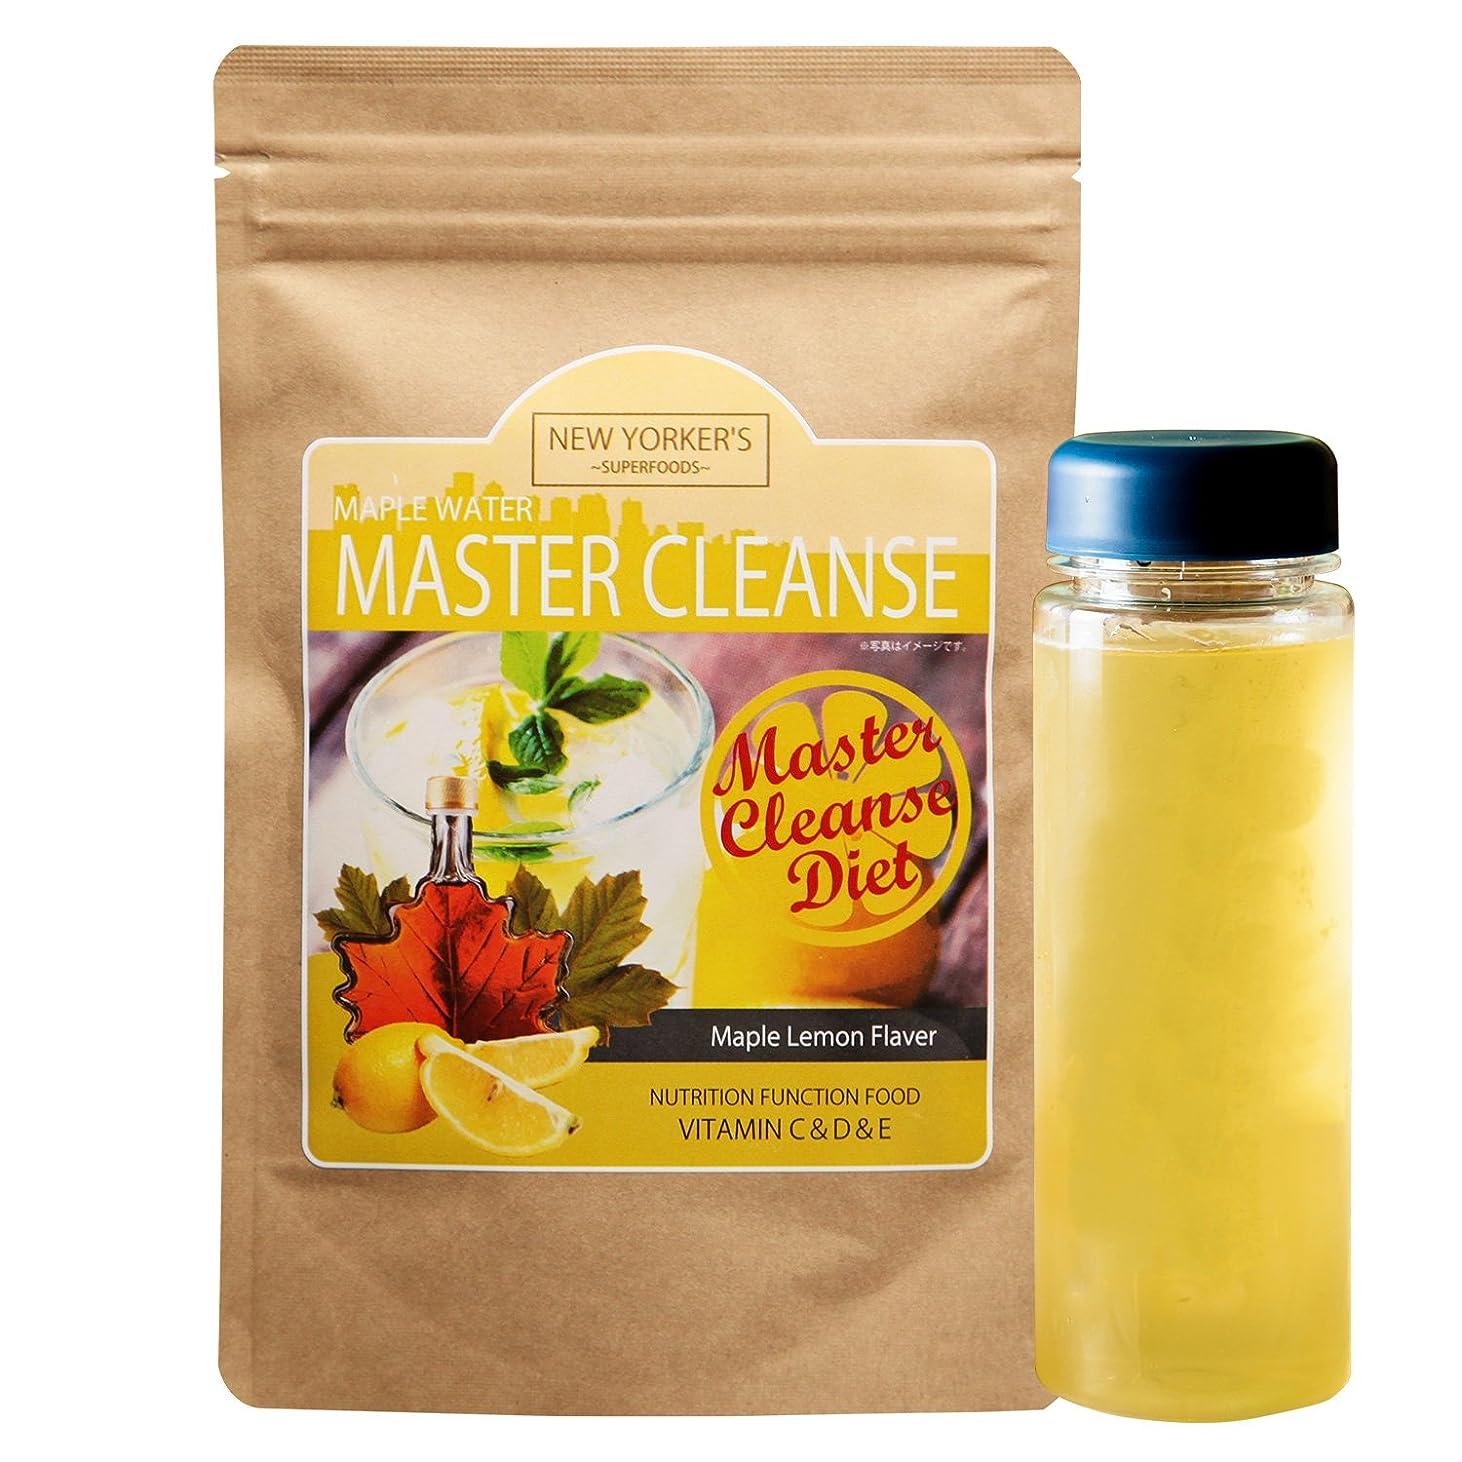 バー黄ばむバイバイIDEA マスタークレンズダイエット メープルレモン味 ファスティングダイエット 5g×9包